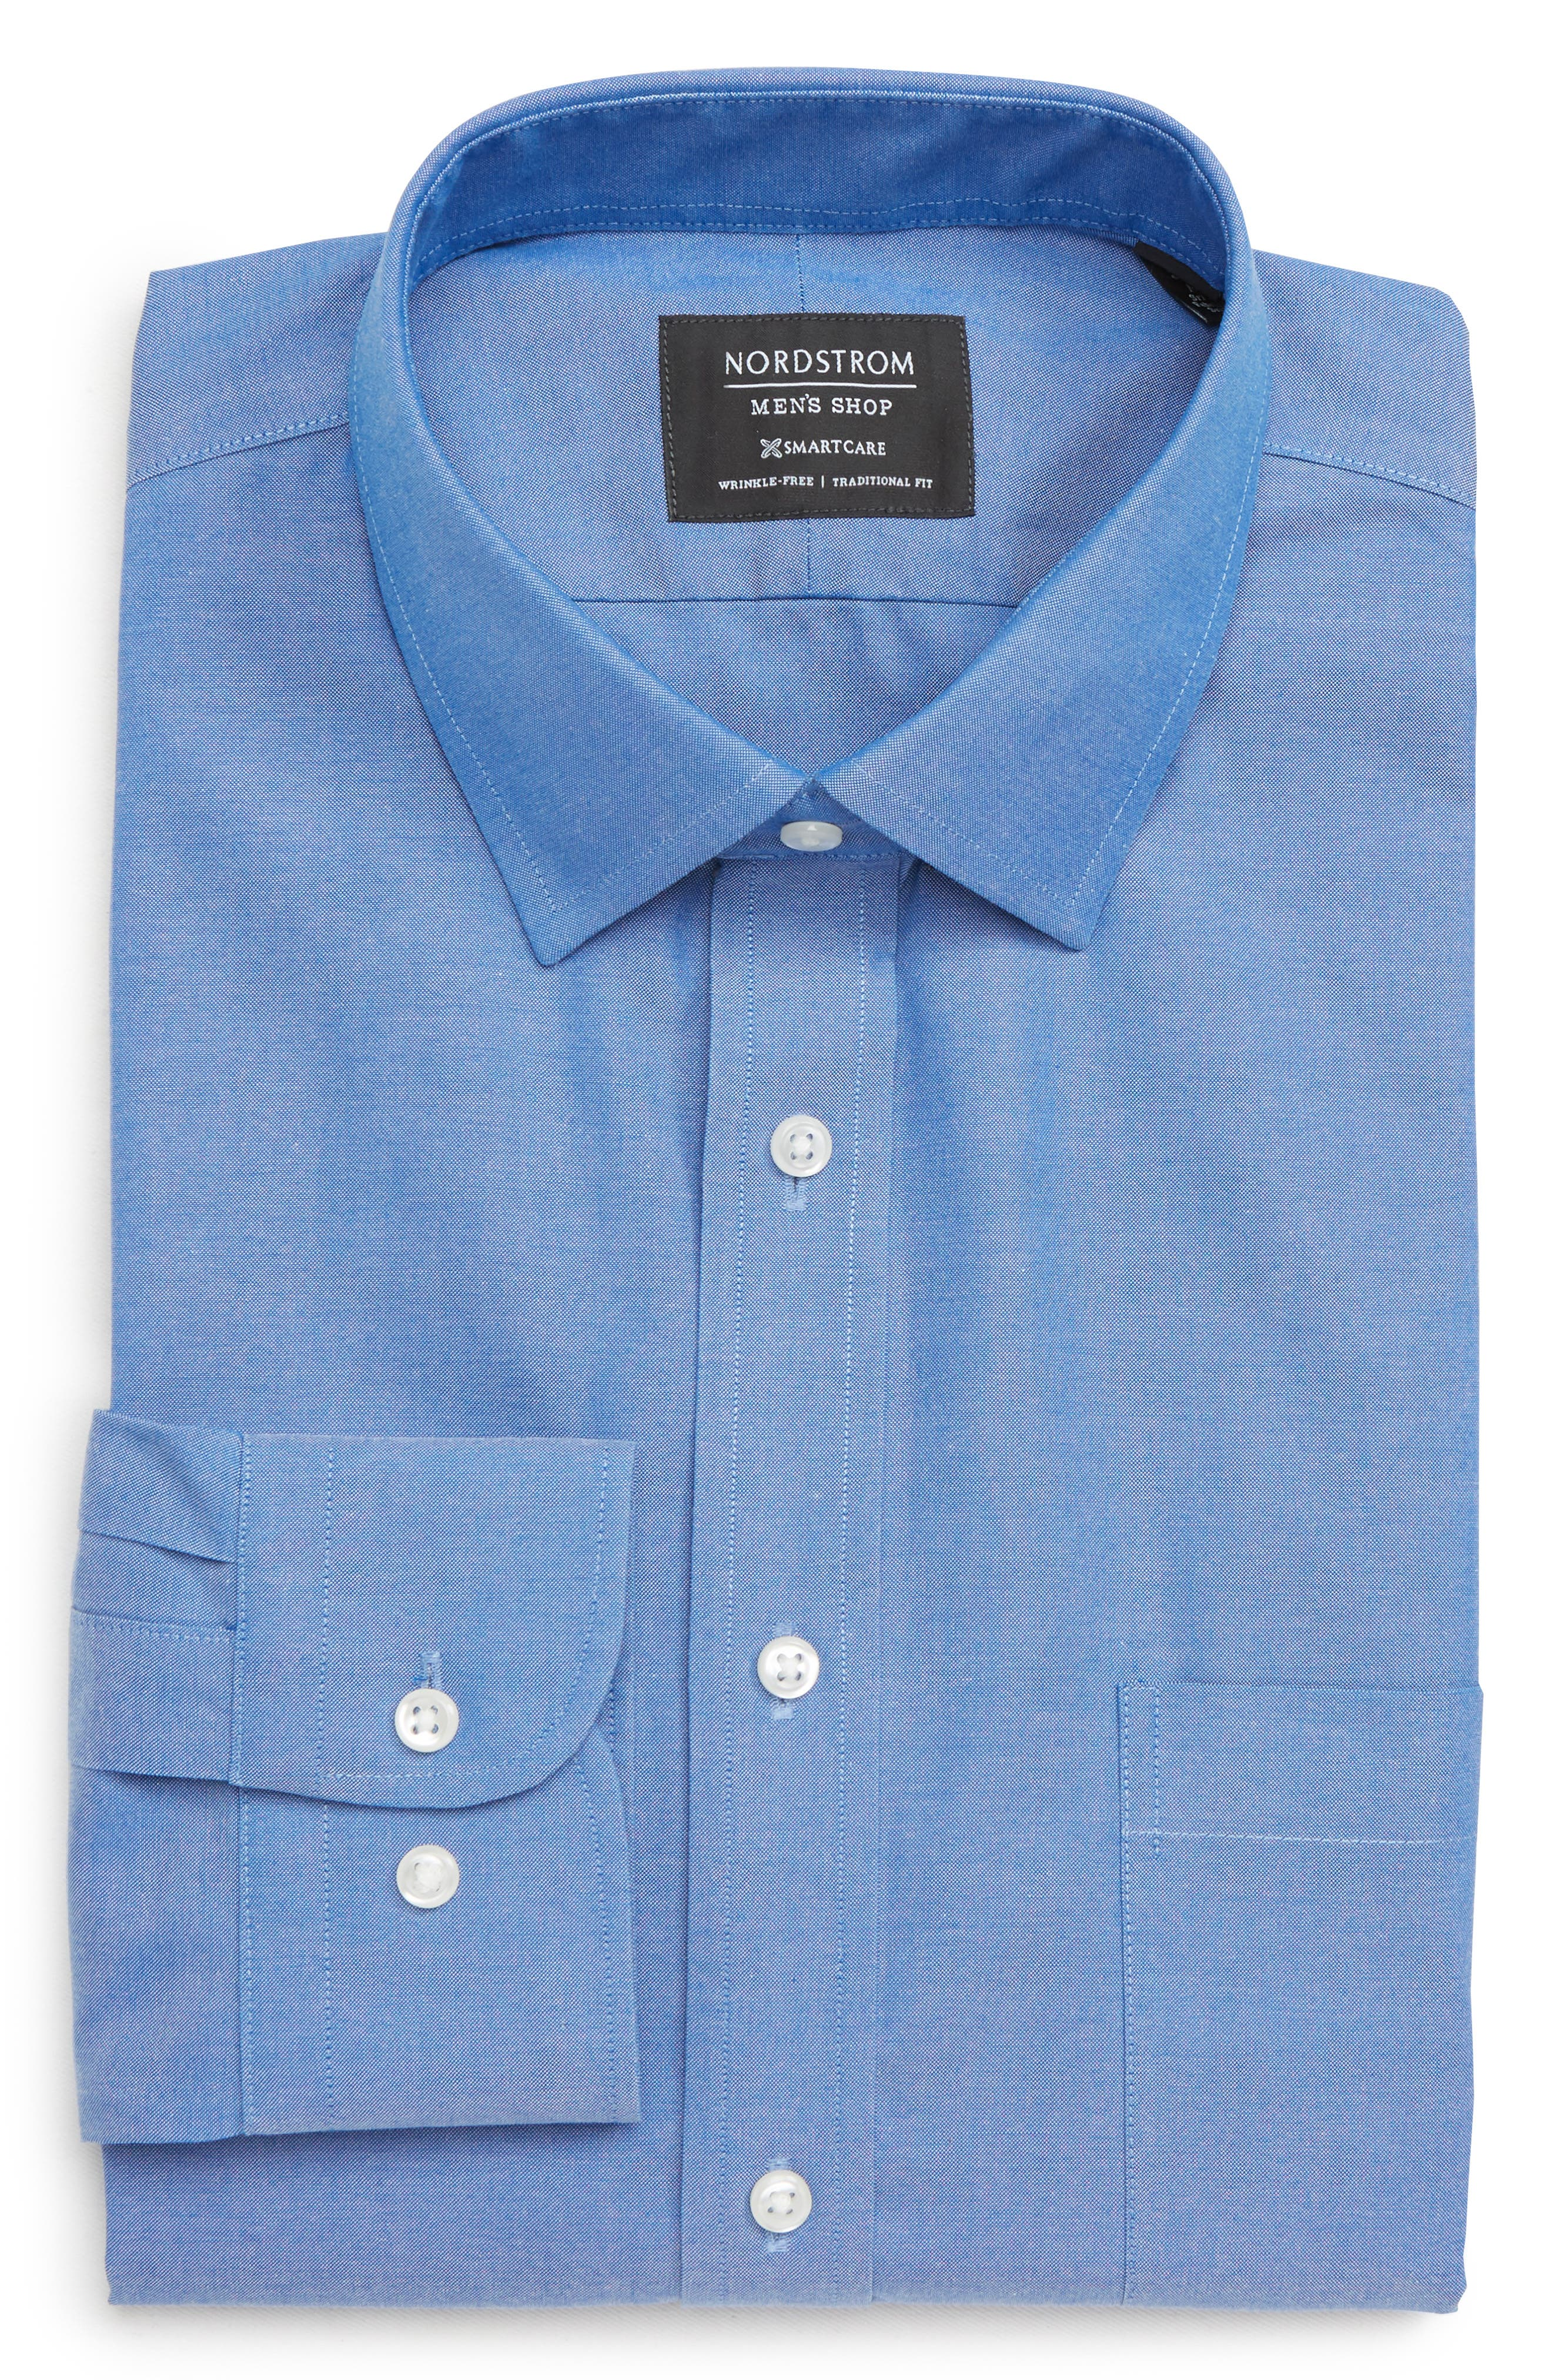 cea3896c8 Nordstrom Shop Smartcare(TM) Traditional Fit Dress Shirt - Blue